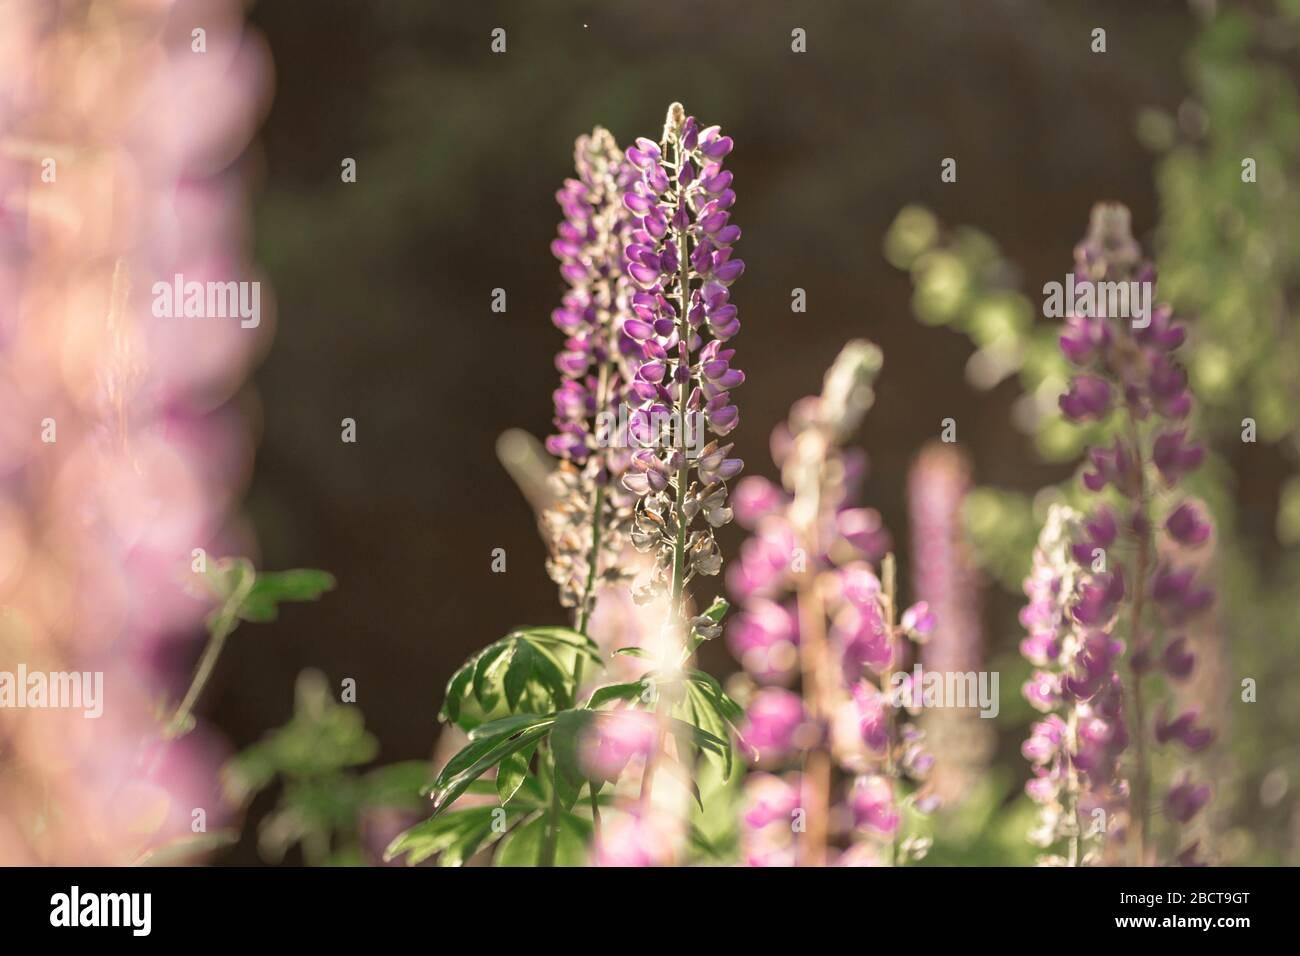 Champ de lupin gonflant à la lumière du soleil. Fleurs d'été violettes sur fond flou. Biélorussie, Minsk Banque D'Images